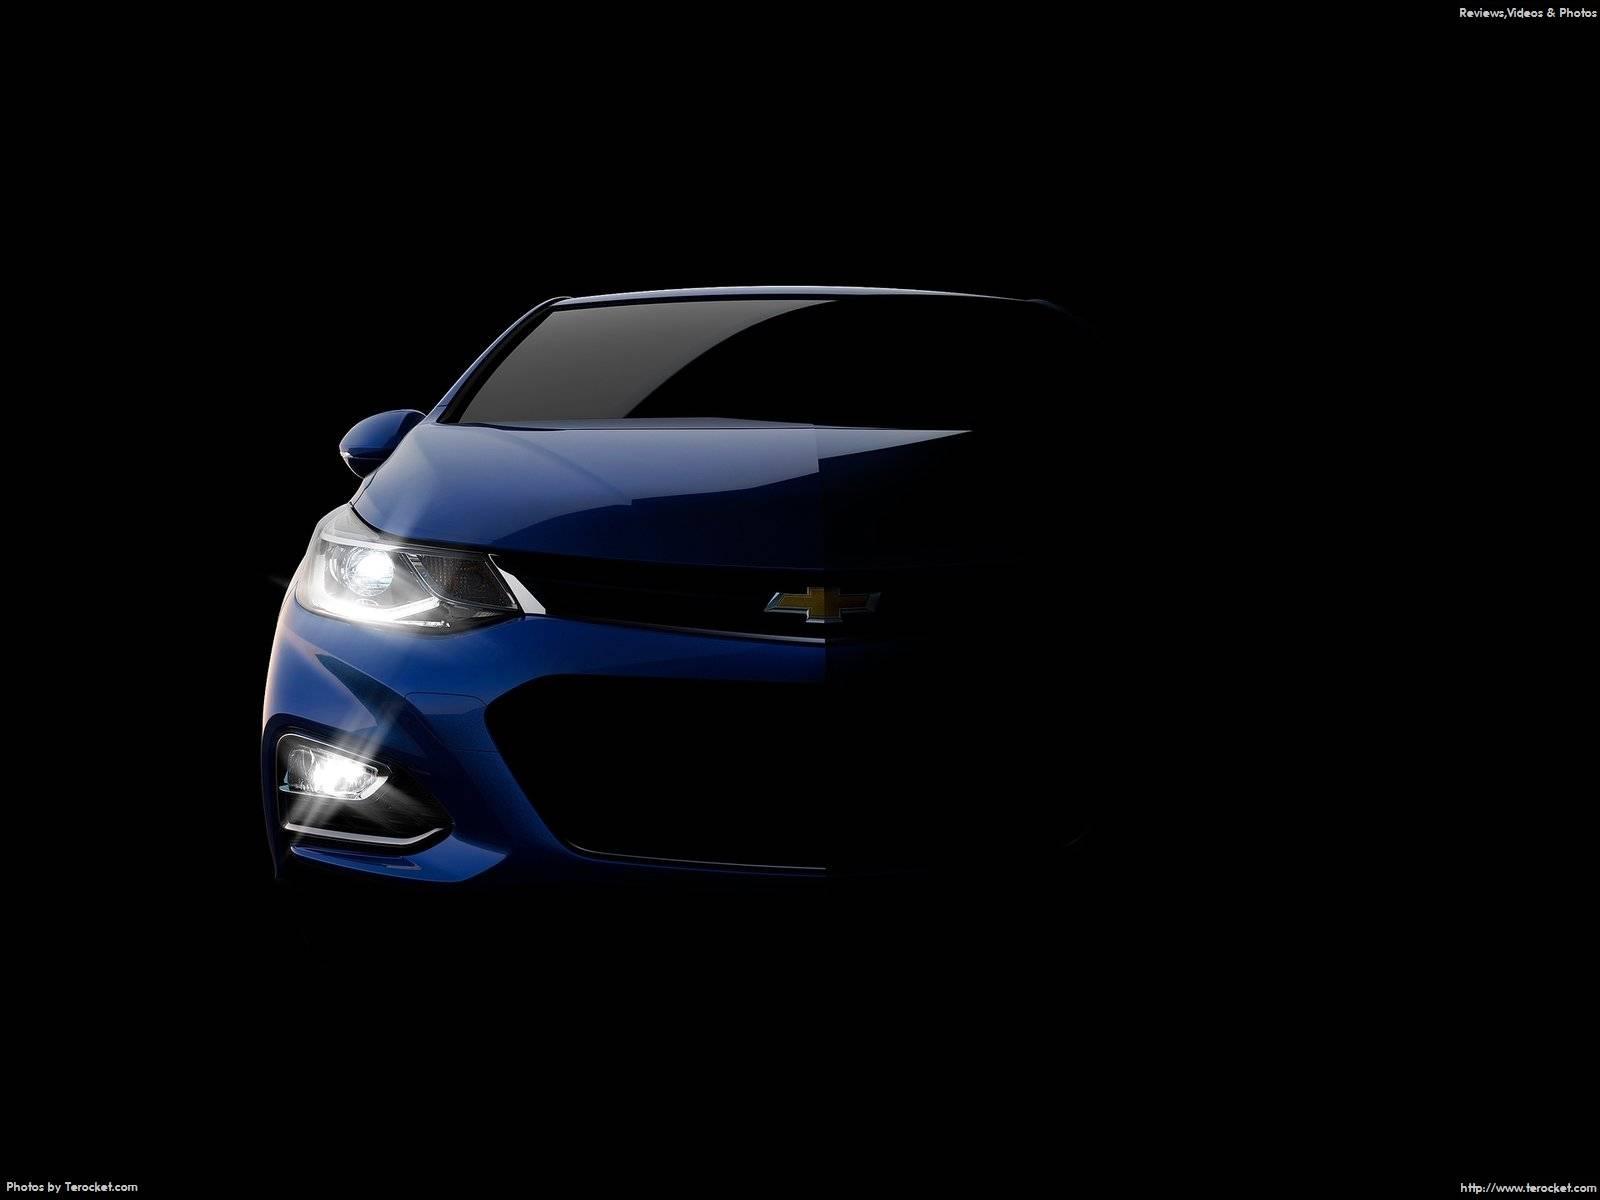 Hình ảnh xe ô tô Chevrolet Cruze 2016 & nội ngoại thất